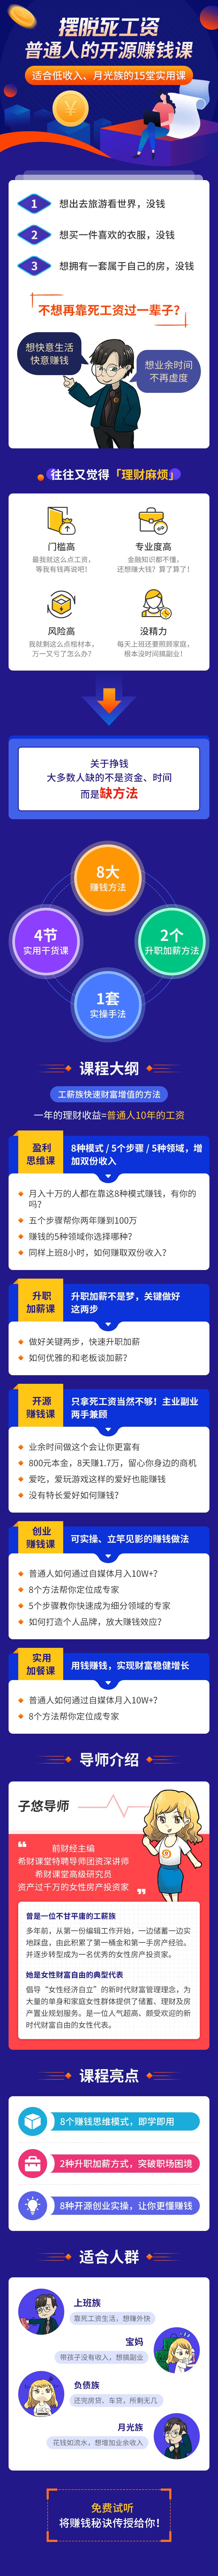 摆脱死工资,普通人的开源赚钱课.png